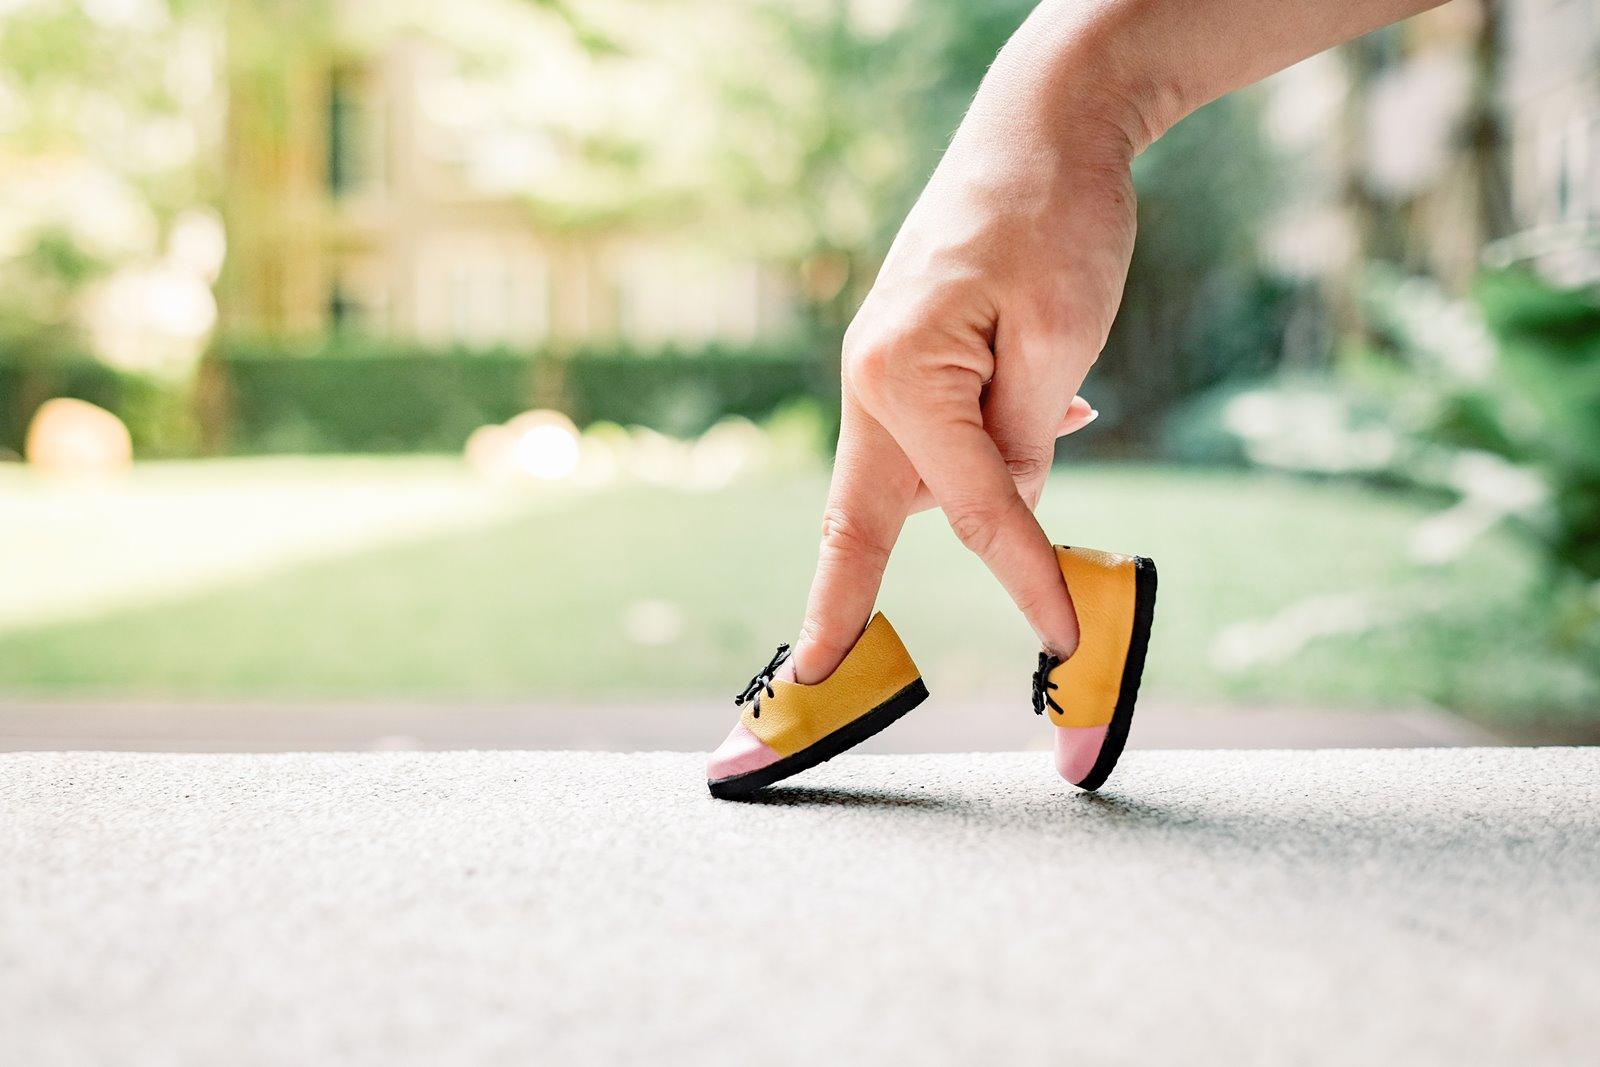 一天一萬步,不見得比較健康!試試看這樣走路吧